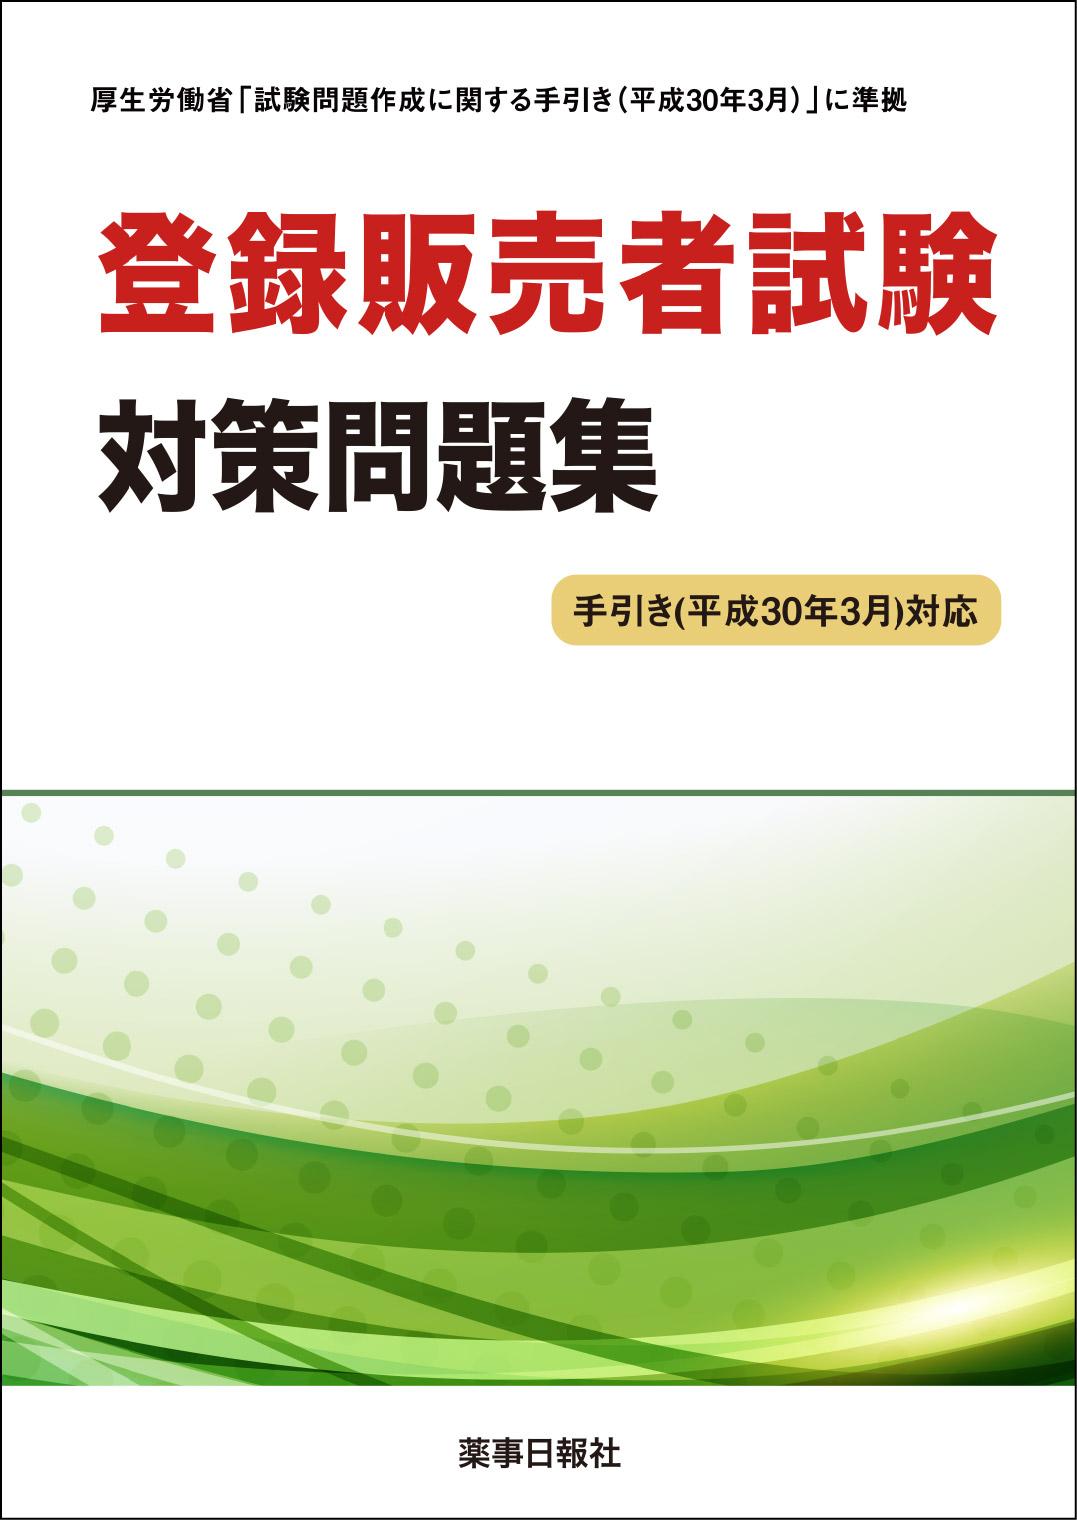 登録販売者試験対策問題集 手引き(平成30年3月)対応